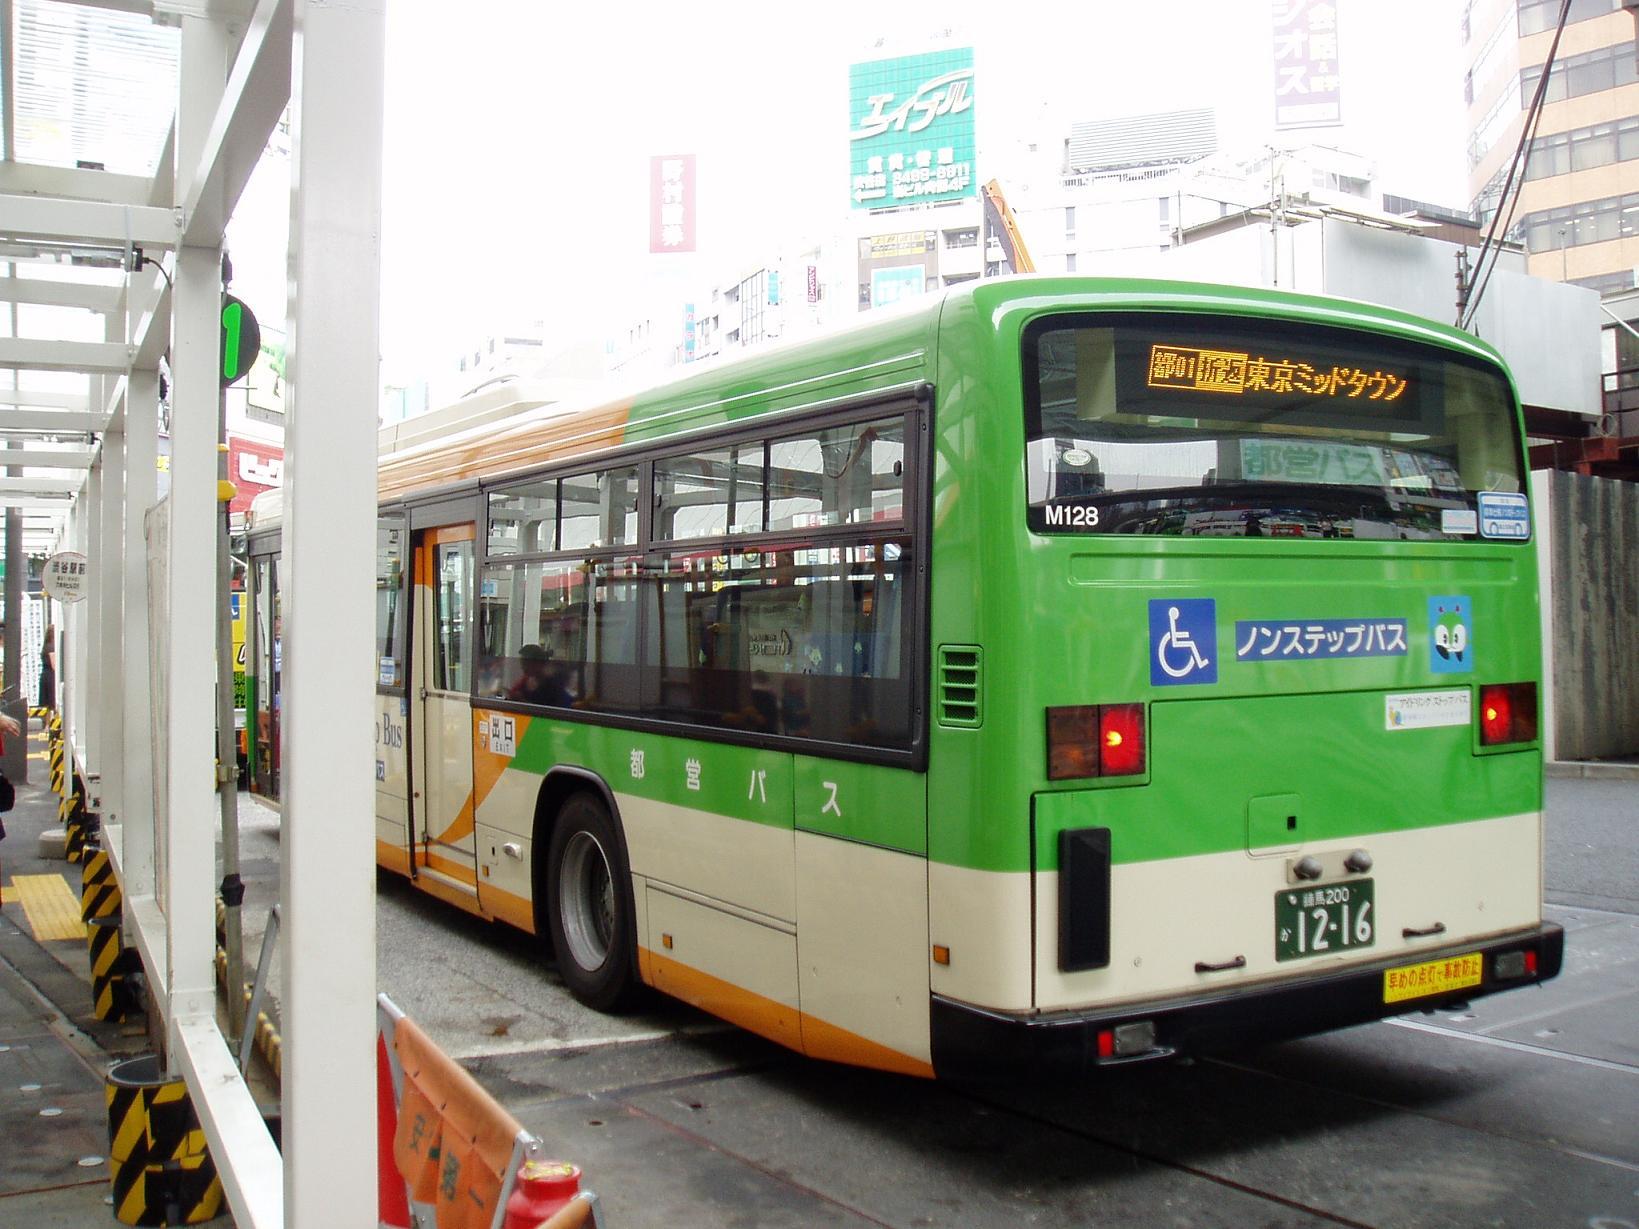 東京都営バス(渋谷駅前→東京ミッドタウン前) : バスマニア